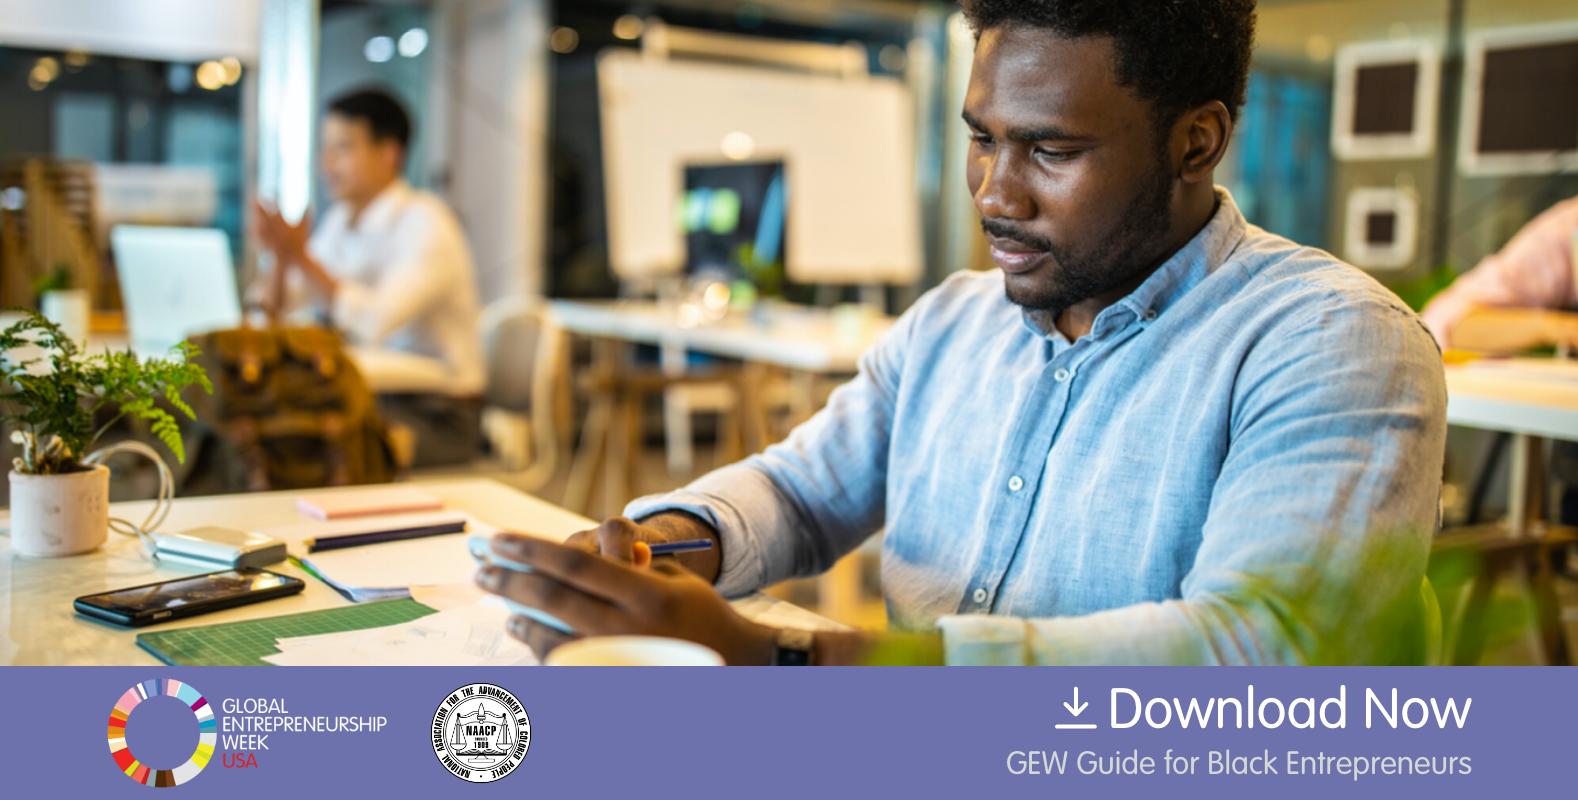 GEW Guide for Black Entrepreneurs